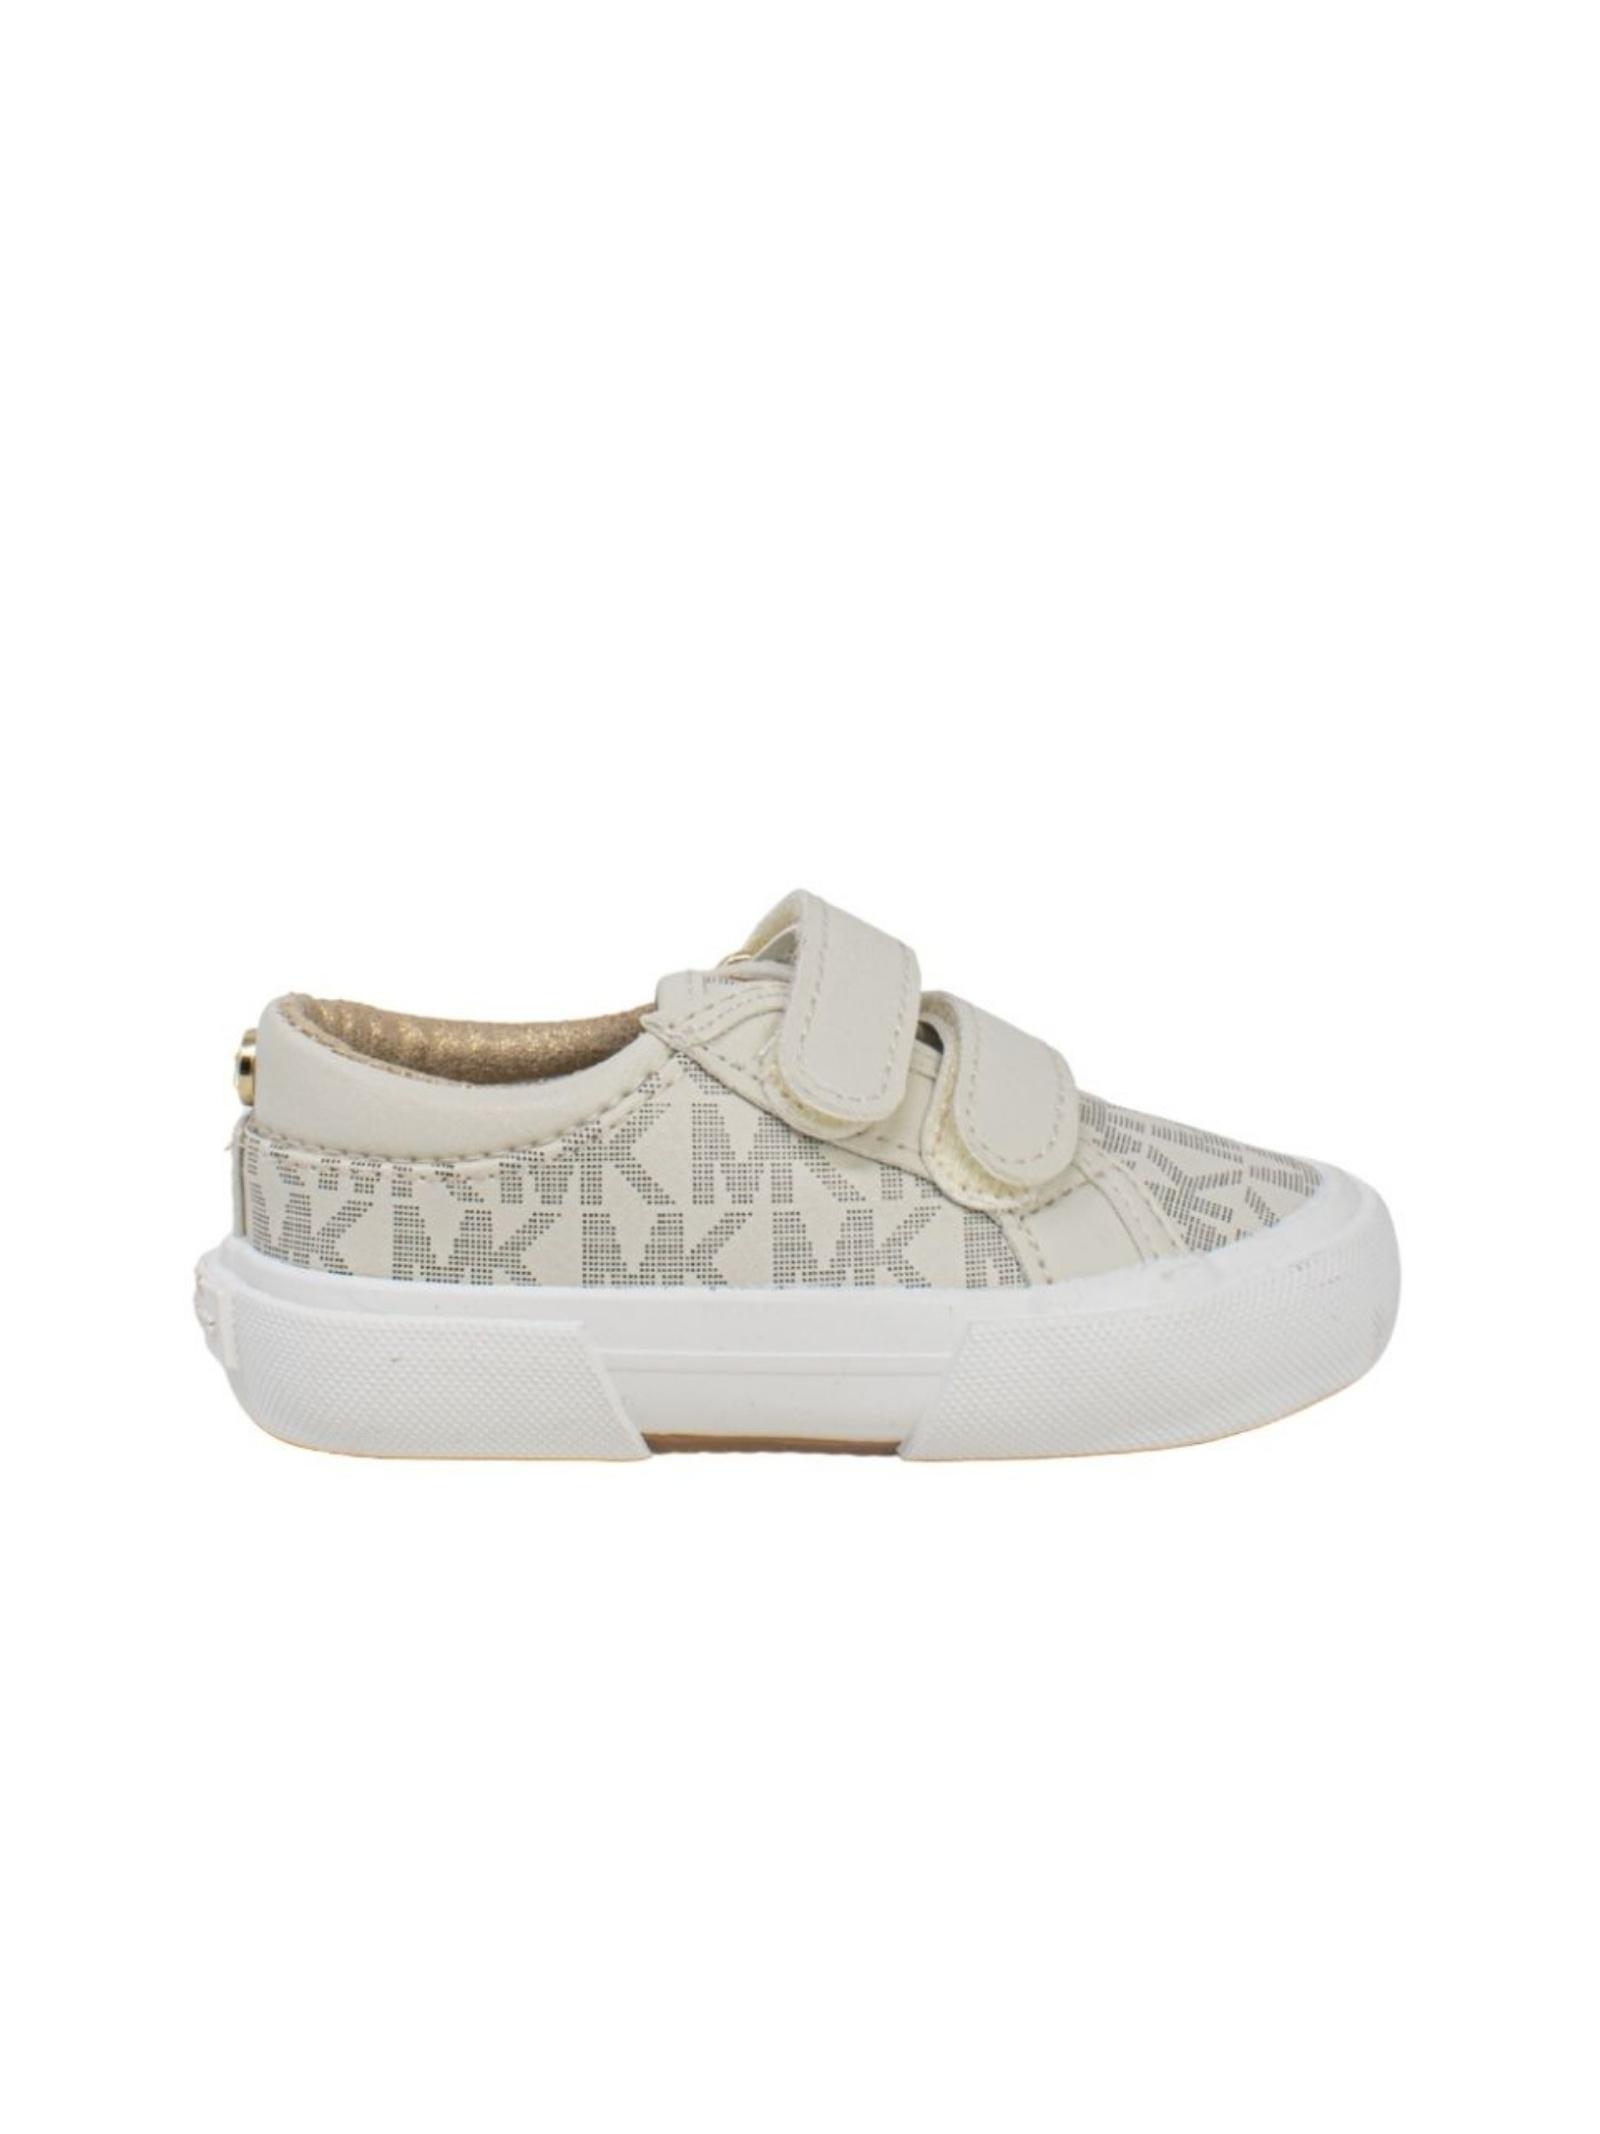 MICHAEL KORS JUNIOR | Sneakers | MK100014VANILLA